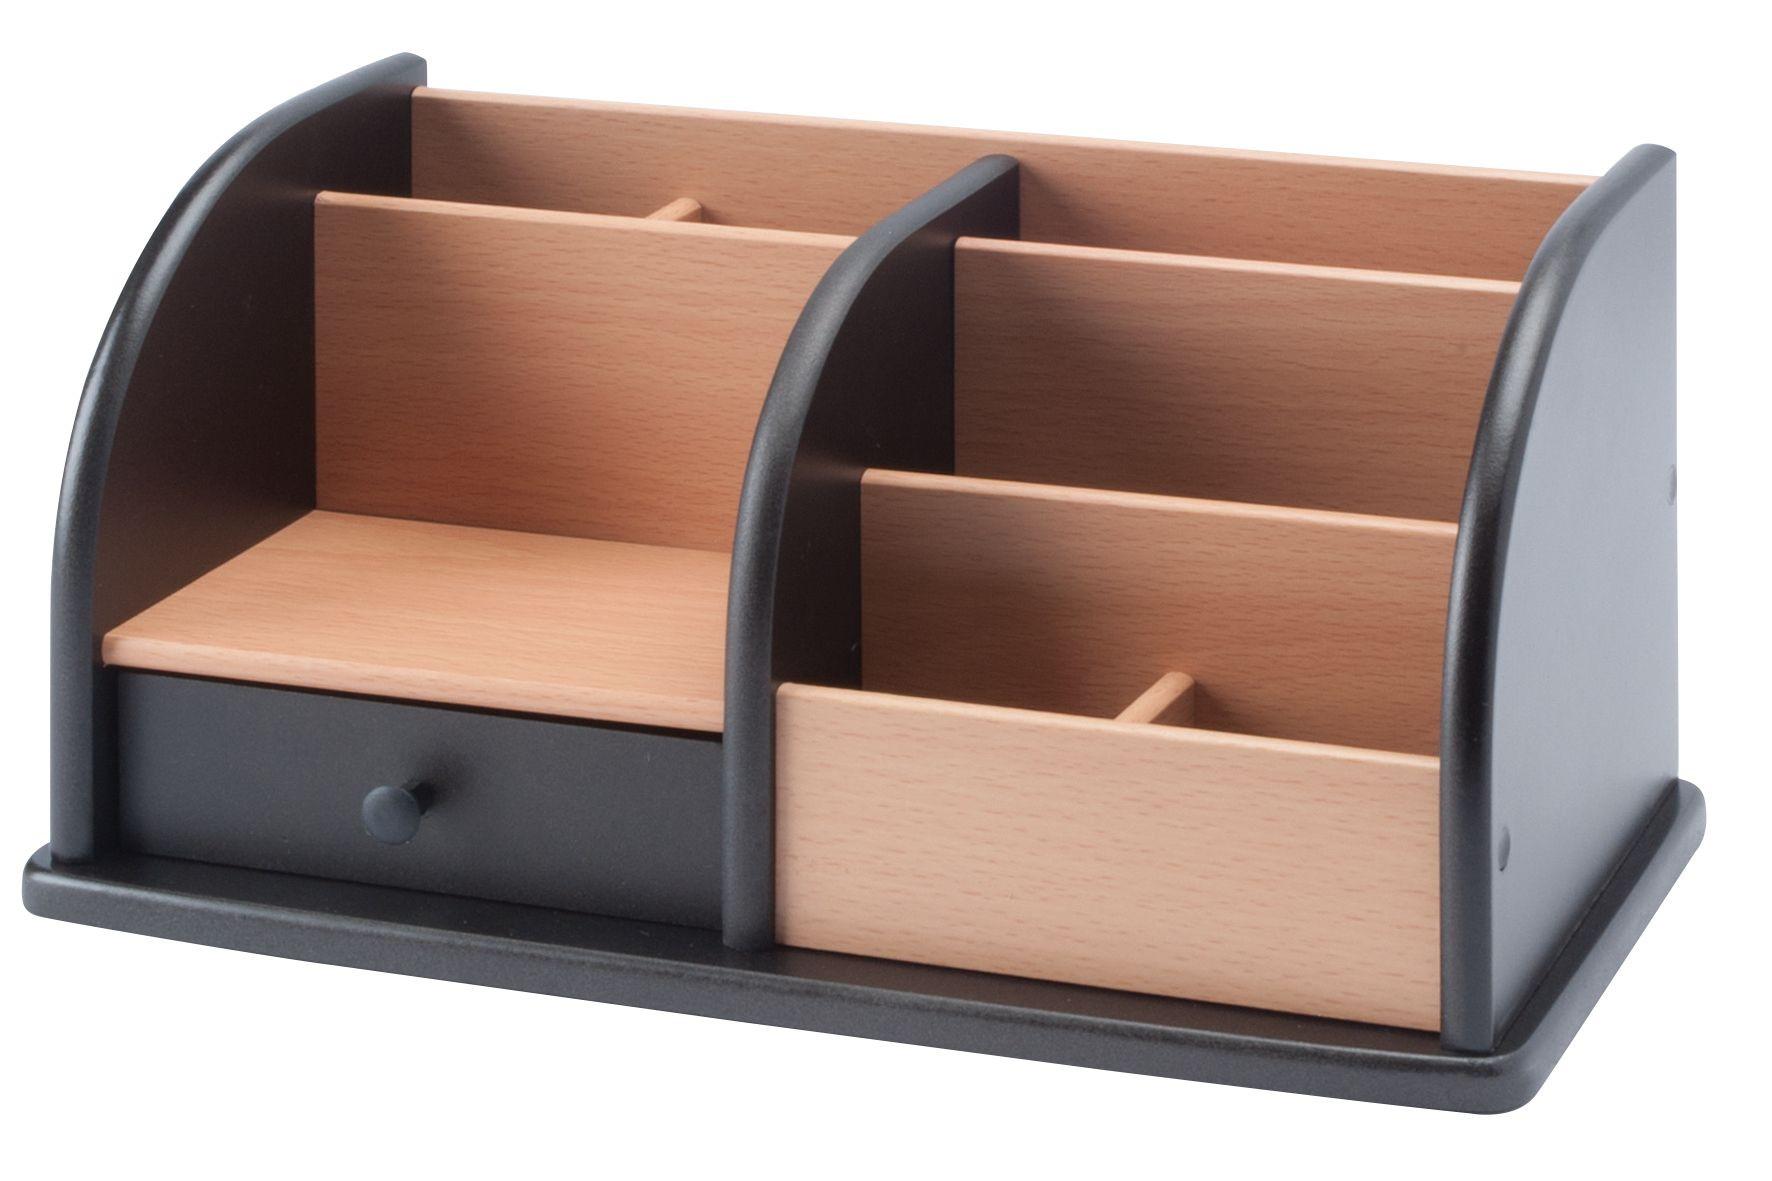 Ikea Desk Organizer  Ikea Desk Organizer